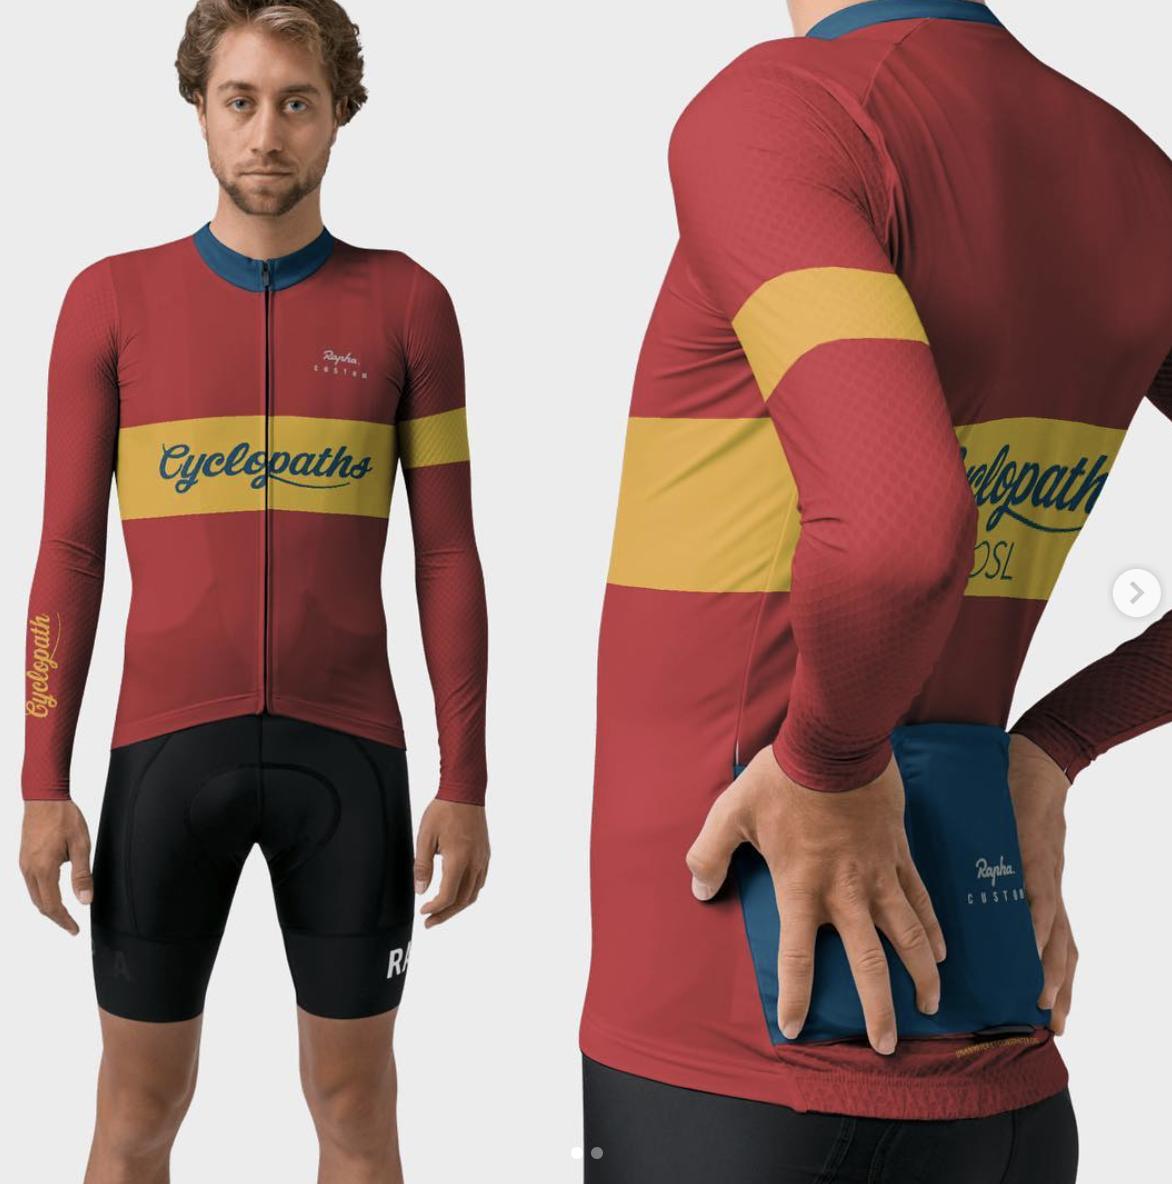 Cyclopaths OSL's Spanish themed 2019 kit